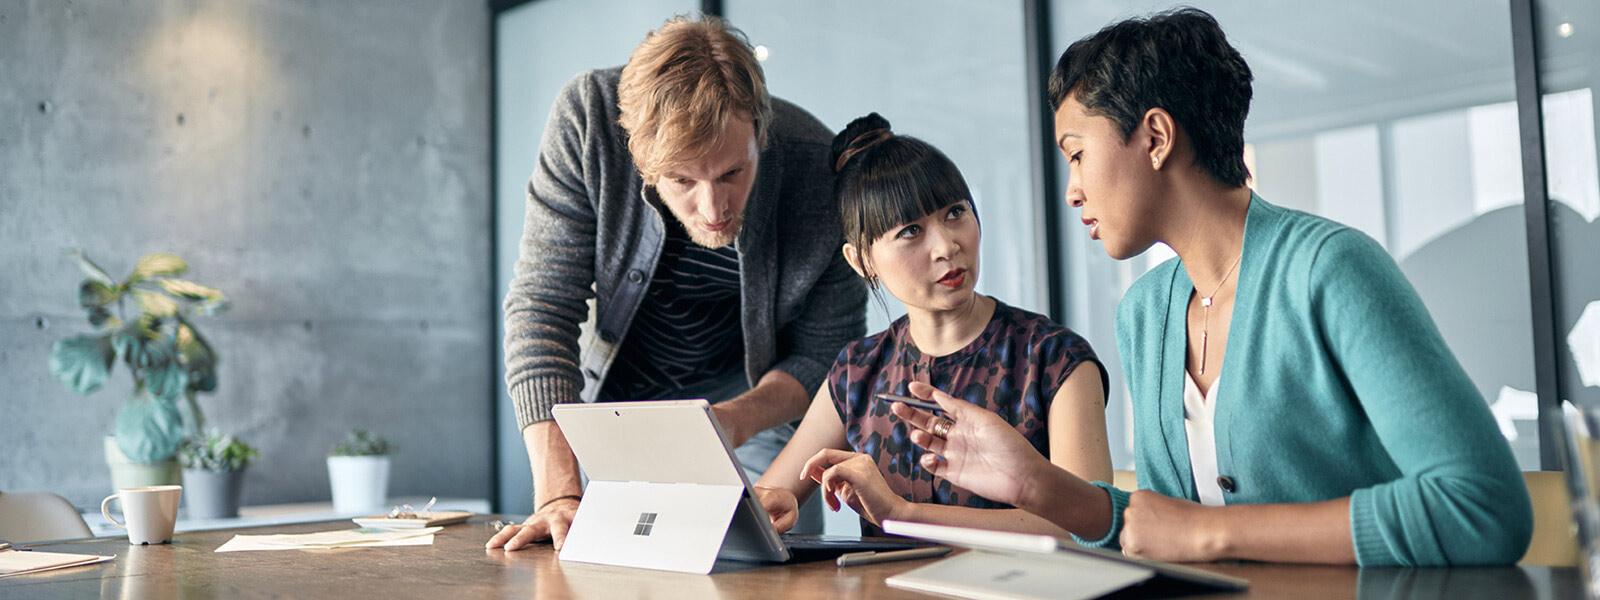 会議室で Surface Pro 4 を3人が眺めている。